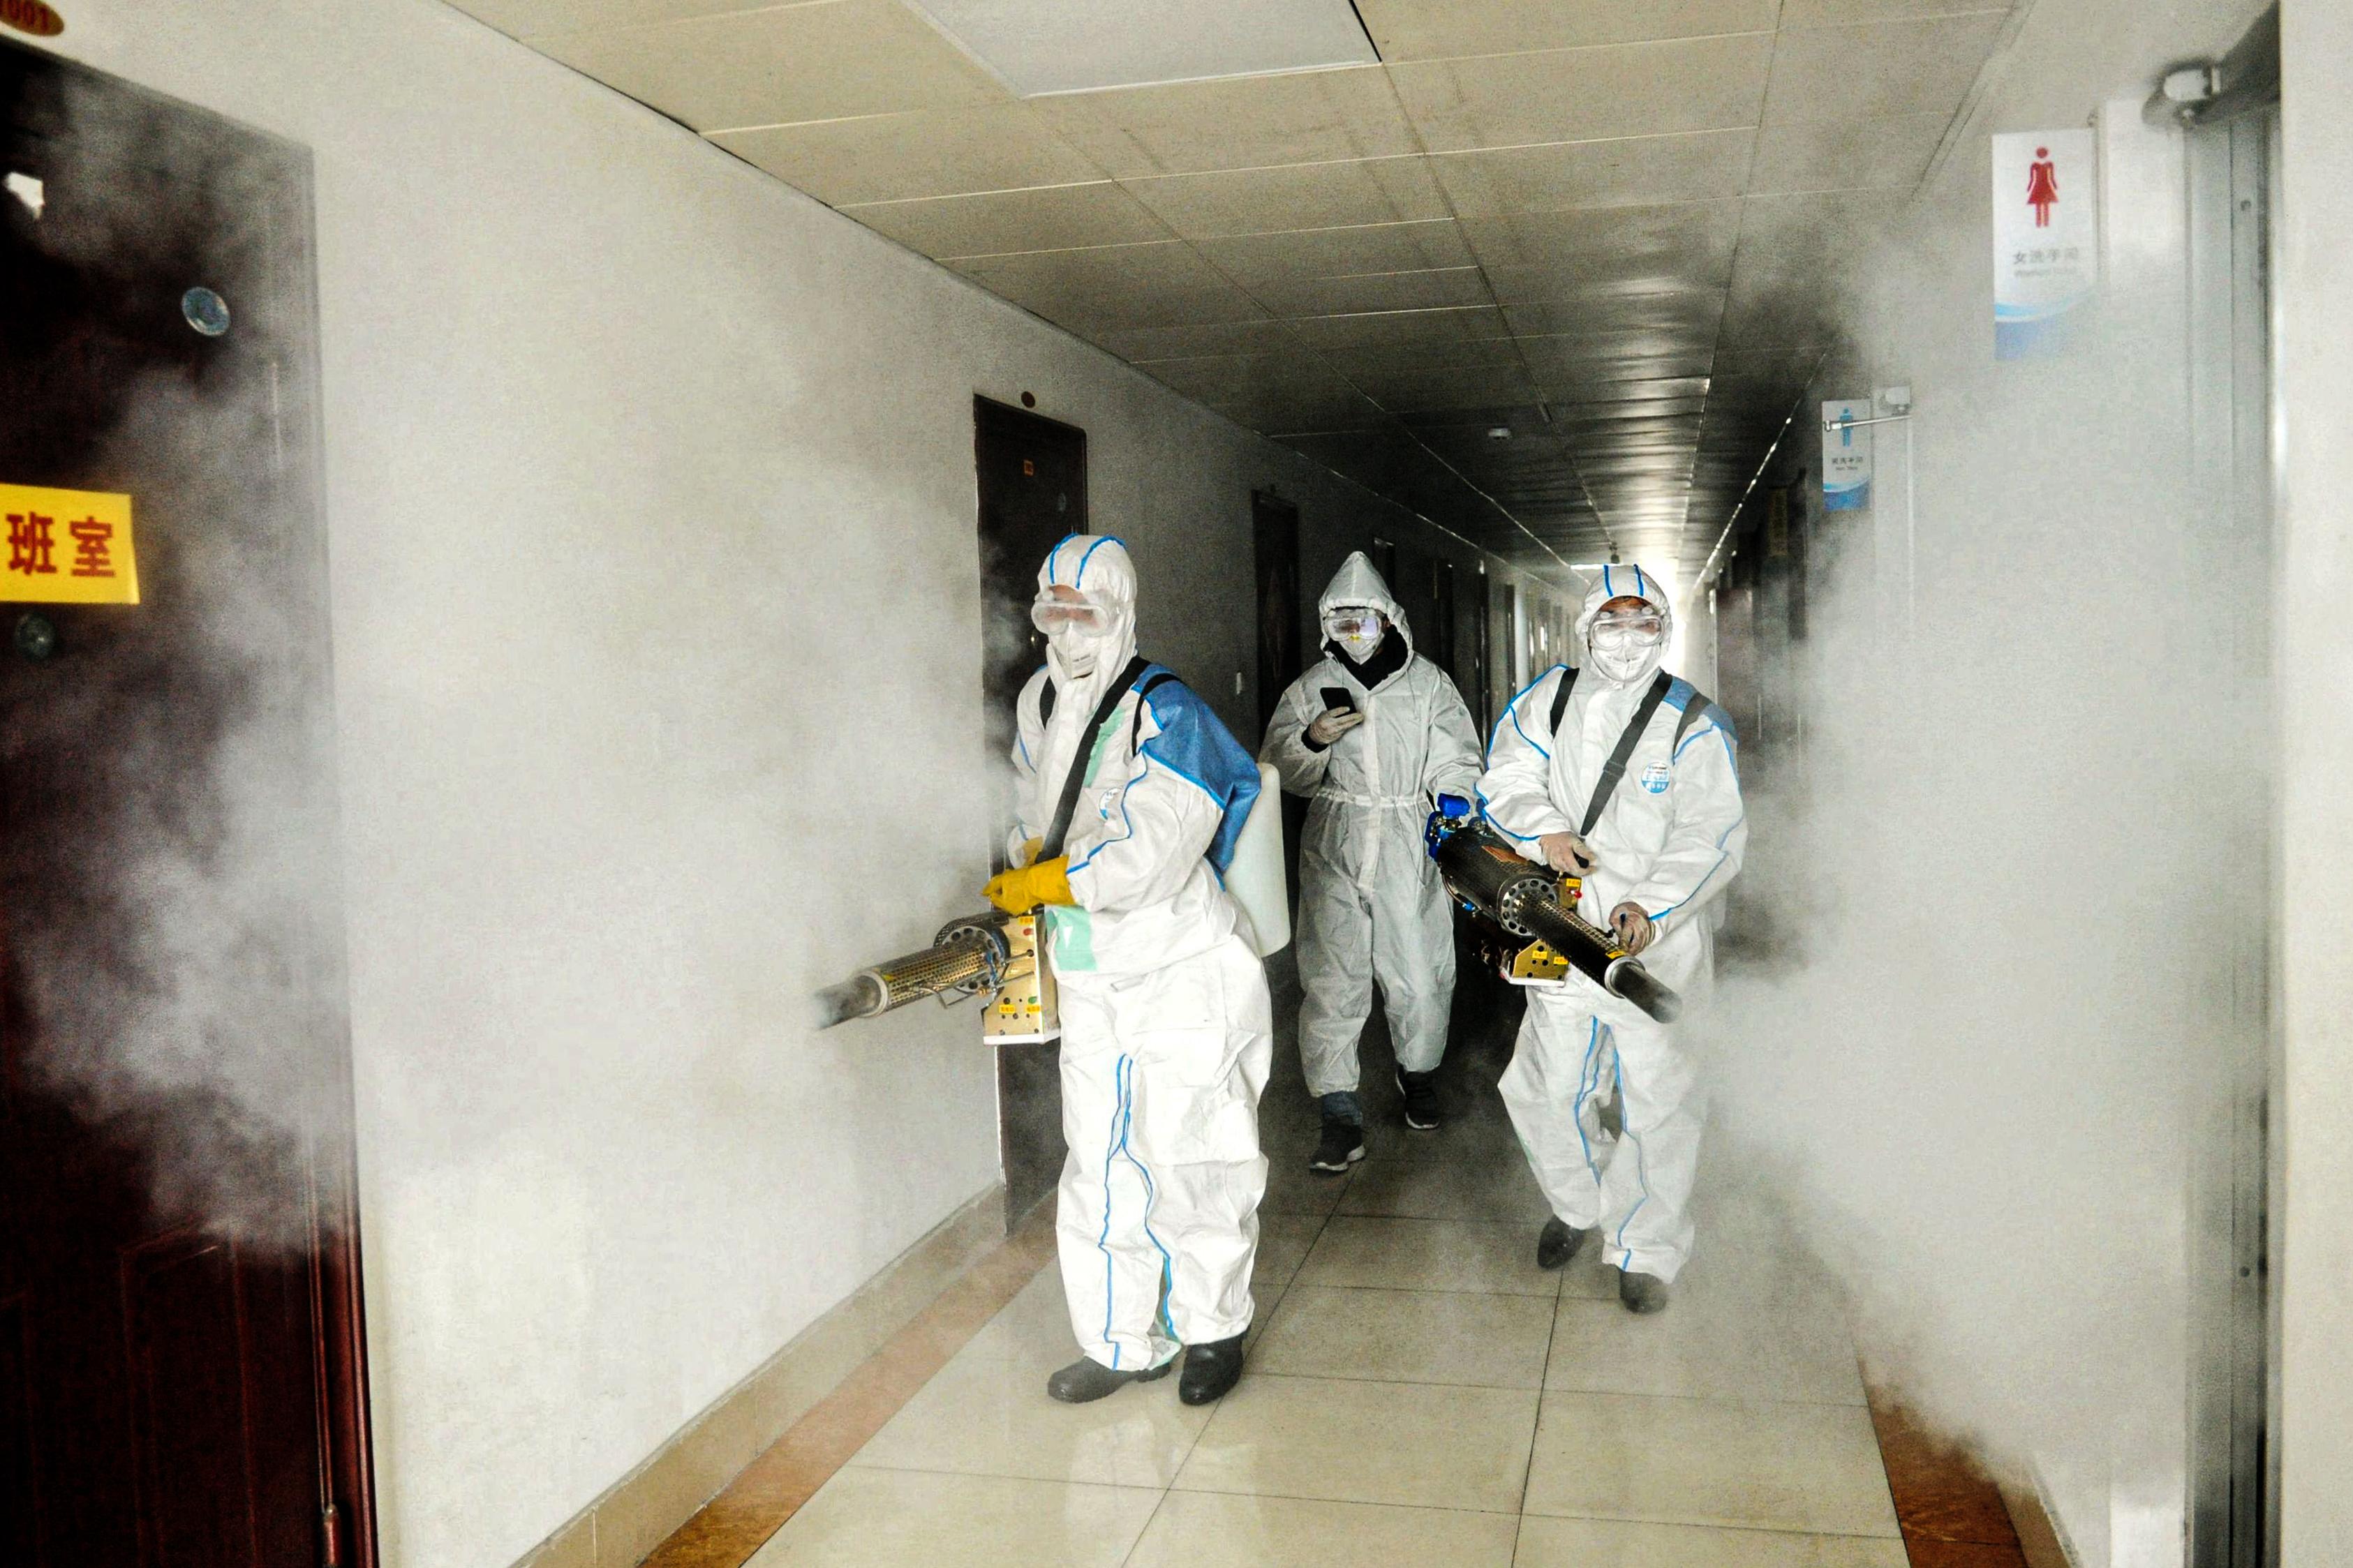 ENQUESTA: Creus que el coronavirus arribarà a Catalunya?